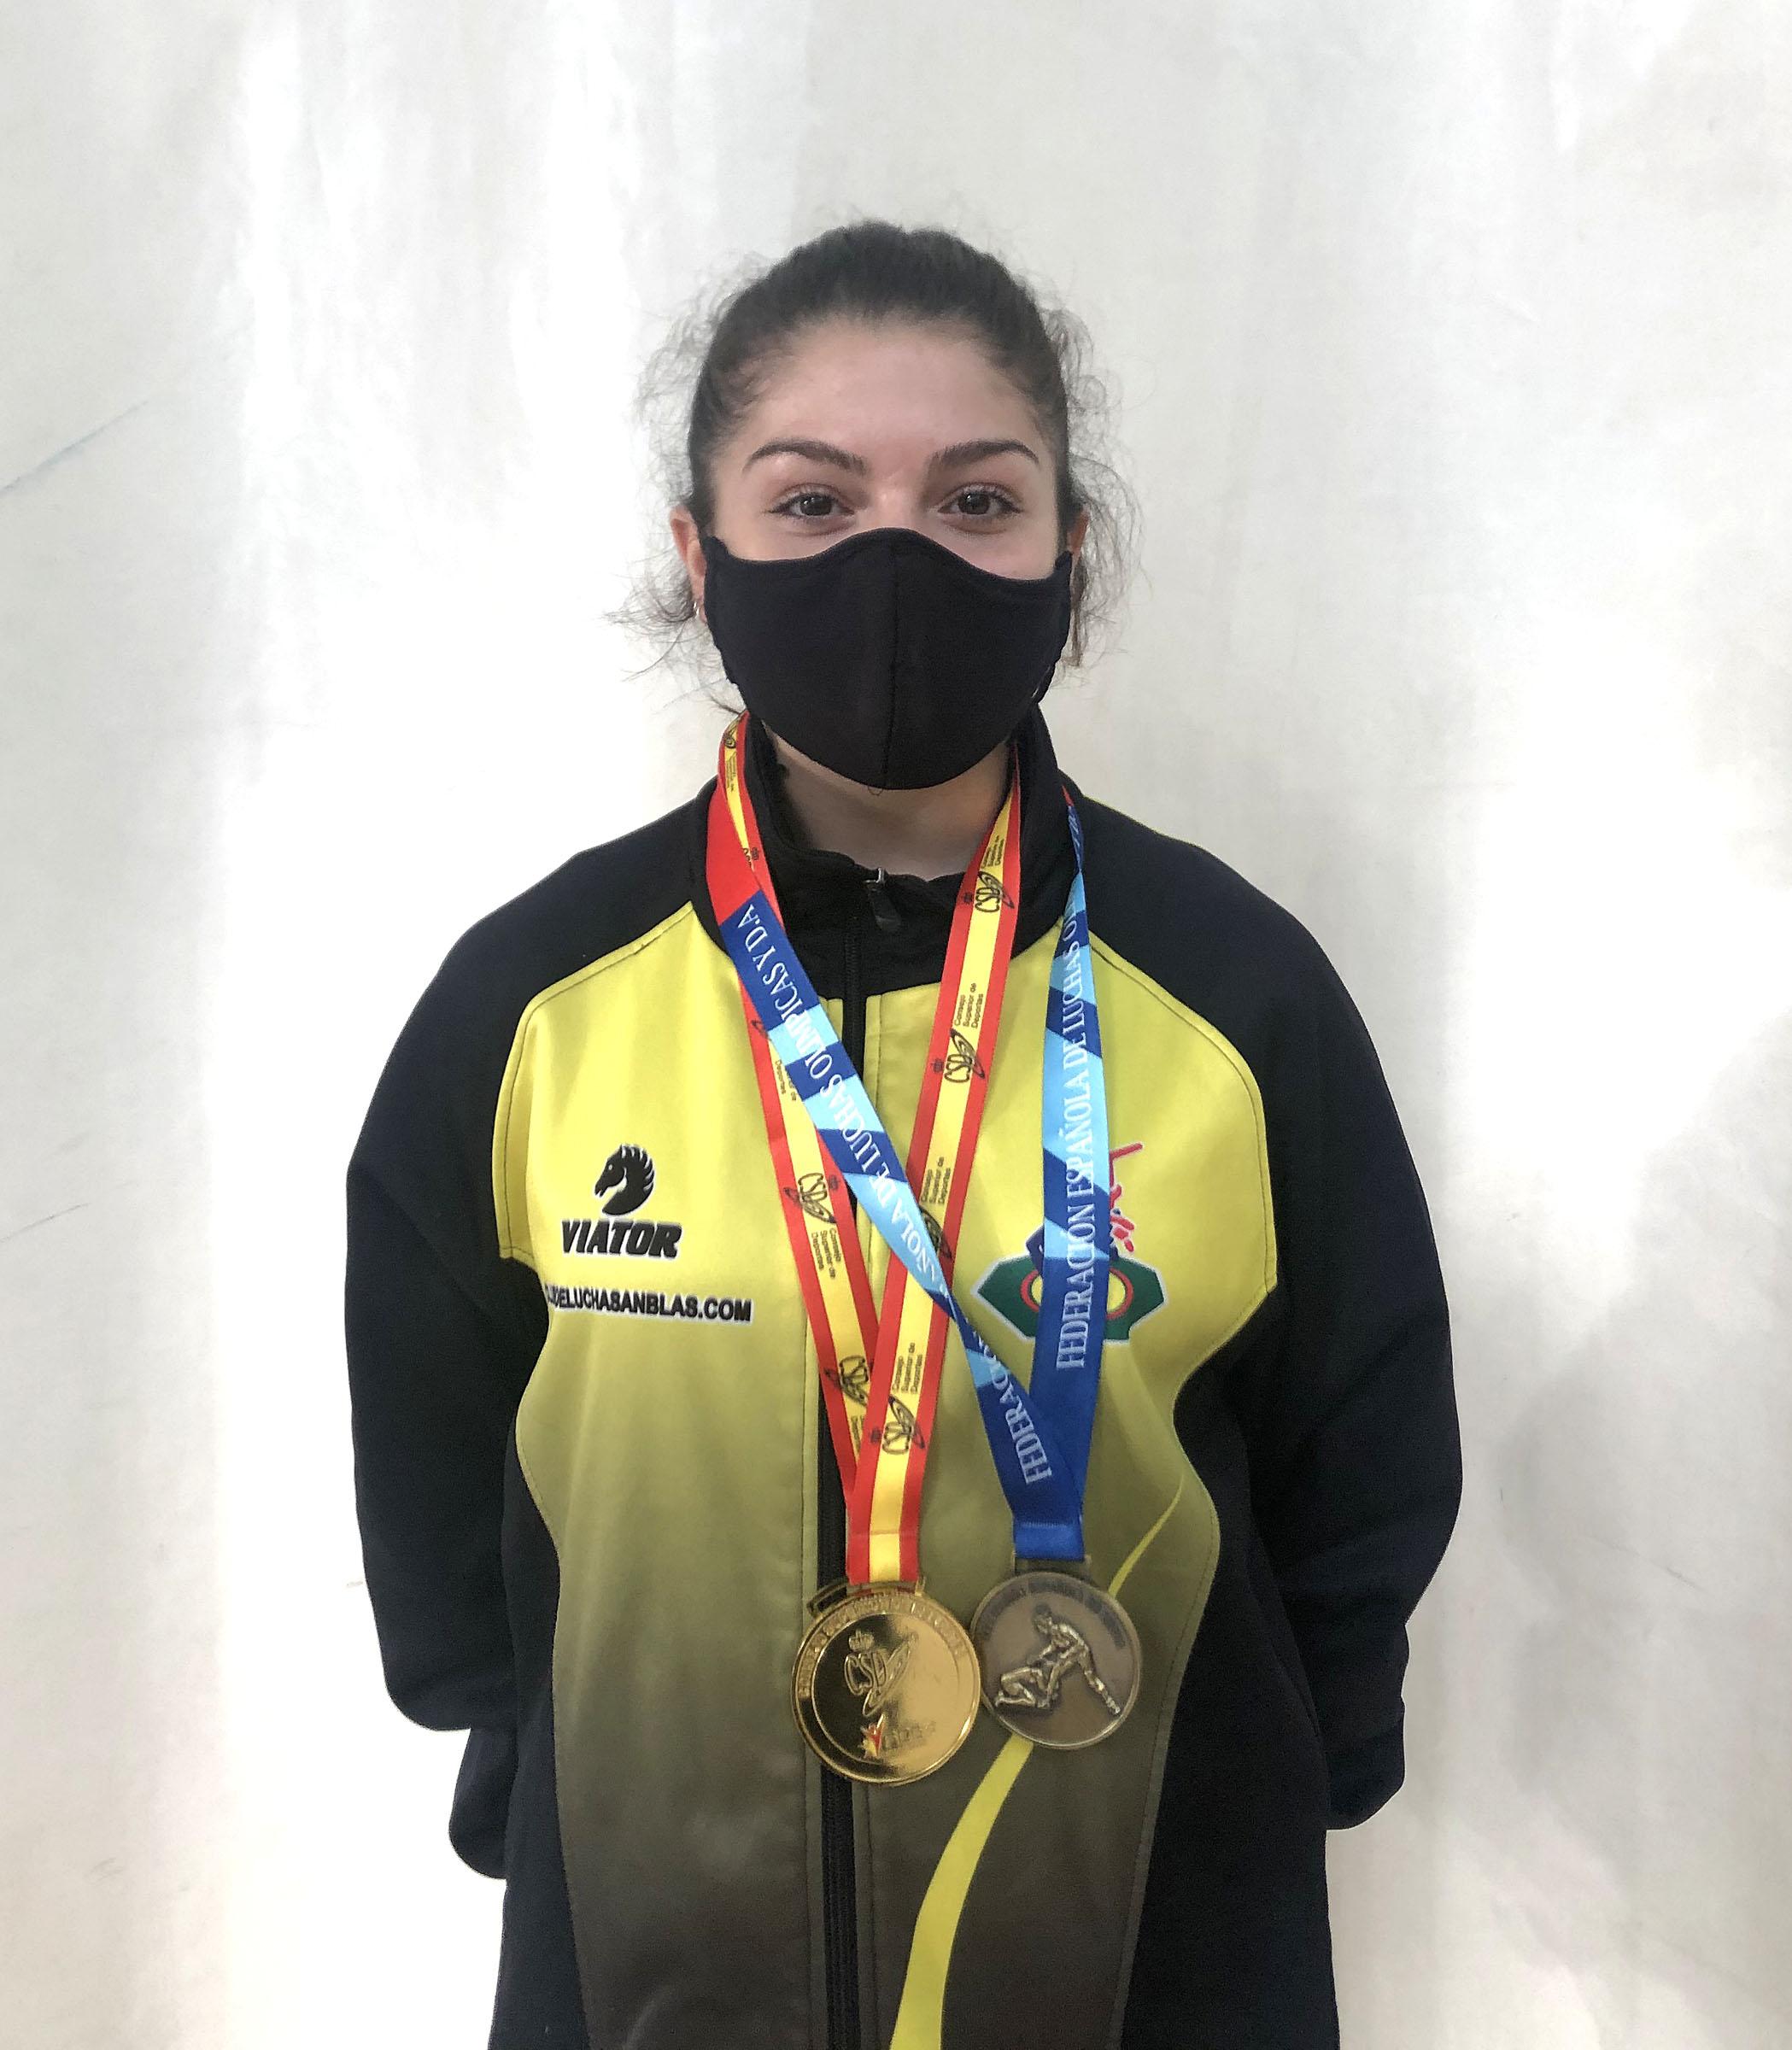 lucha Nolelia Doblas Campeona de Espana Campeona Torneo internacional jovenes promesas